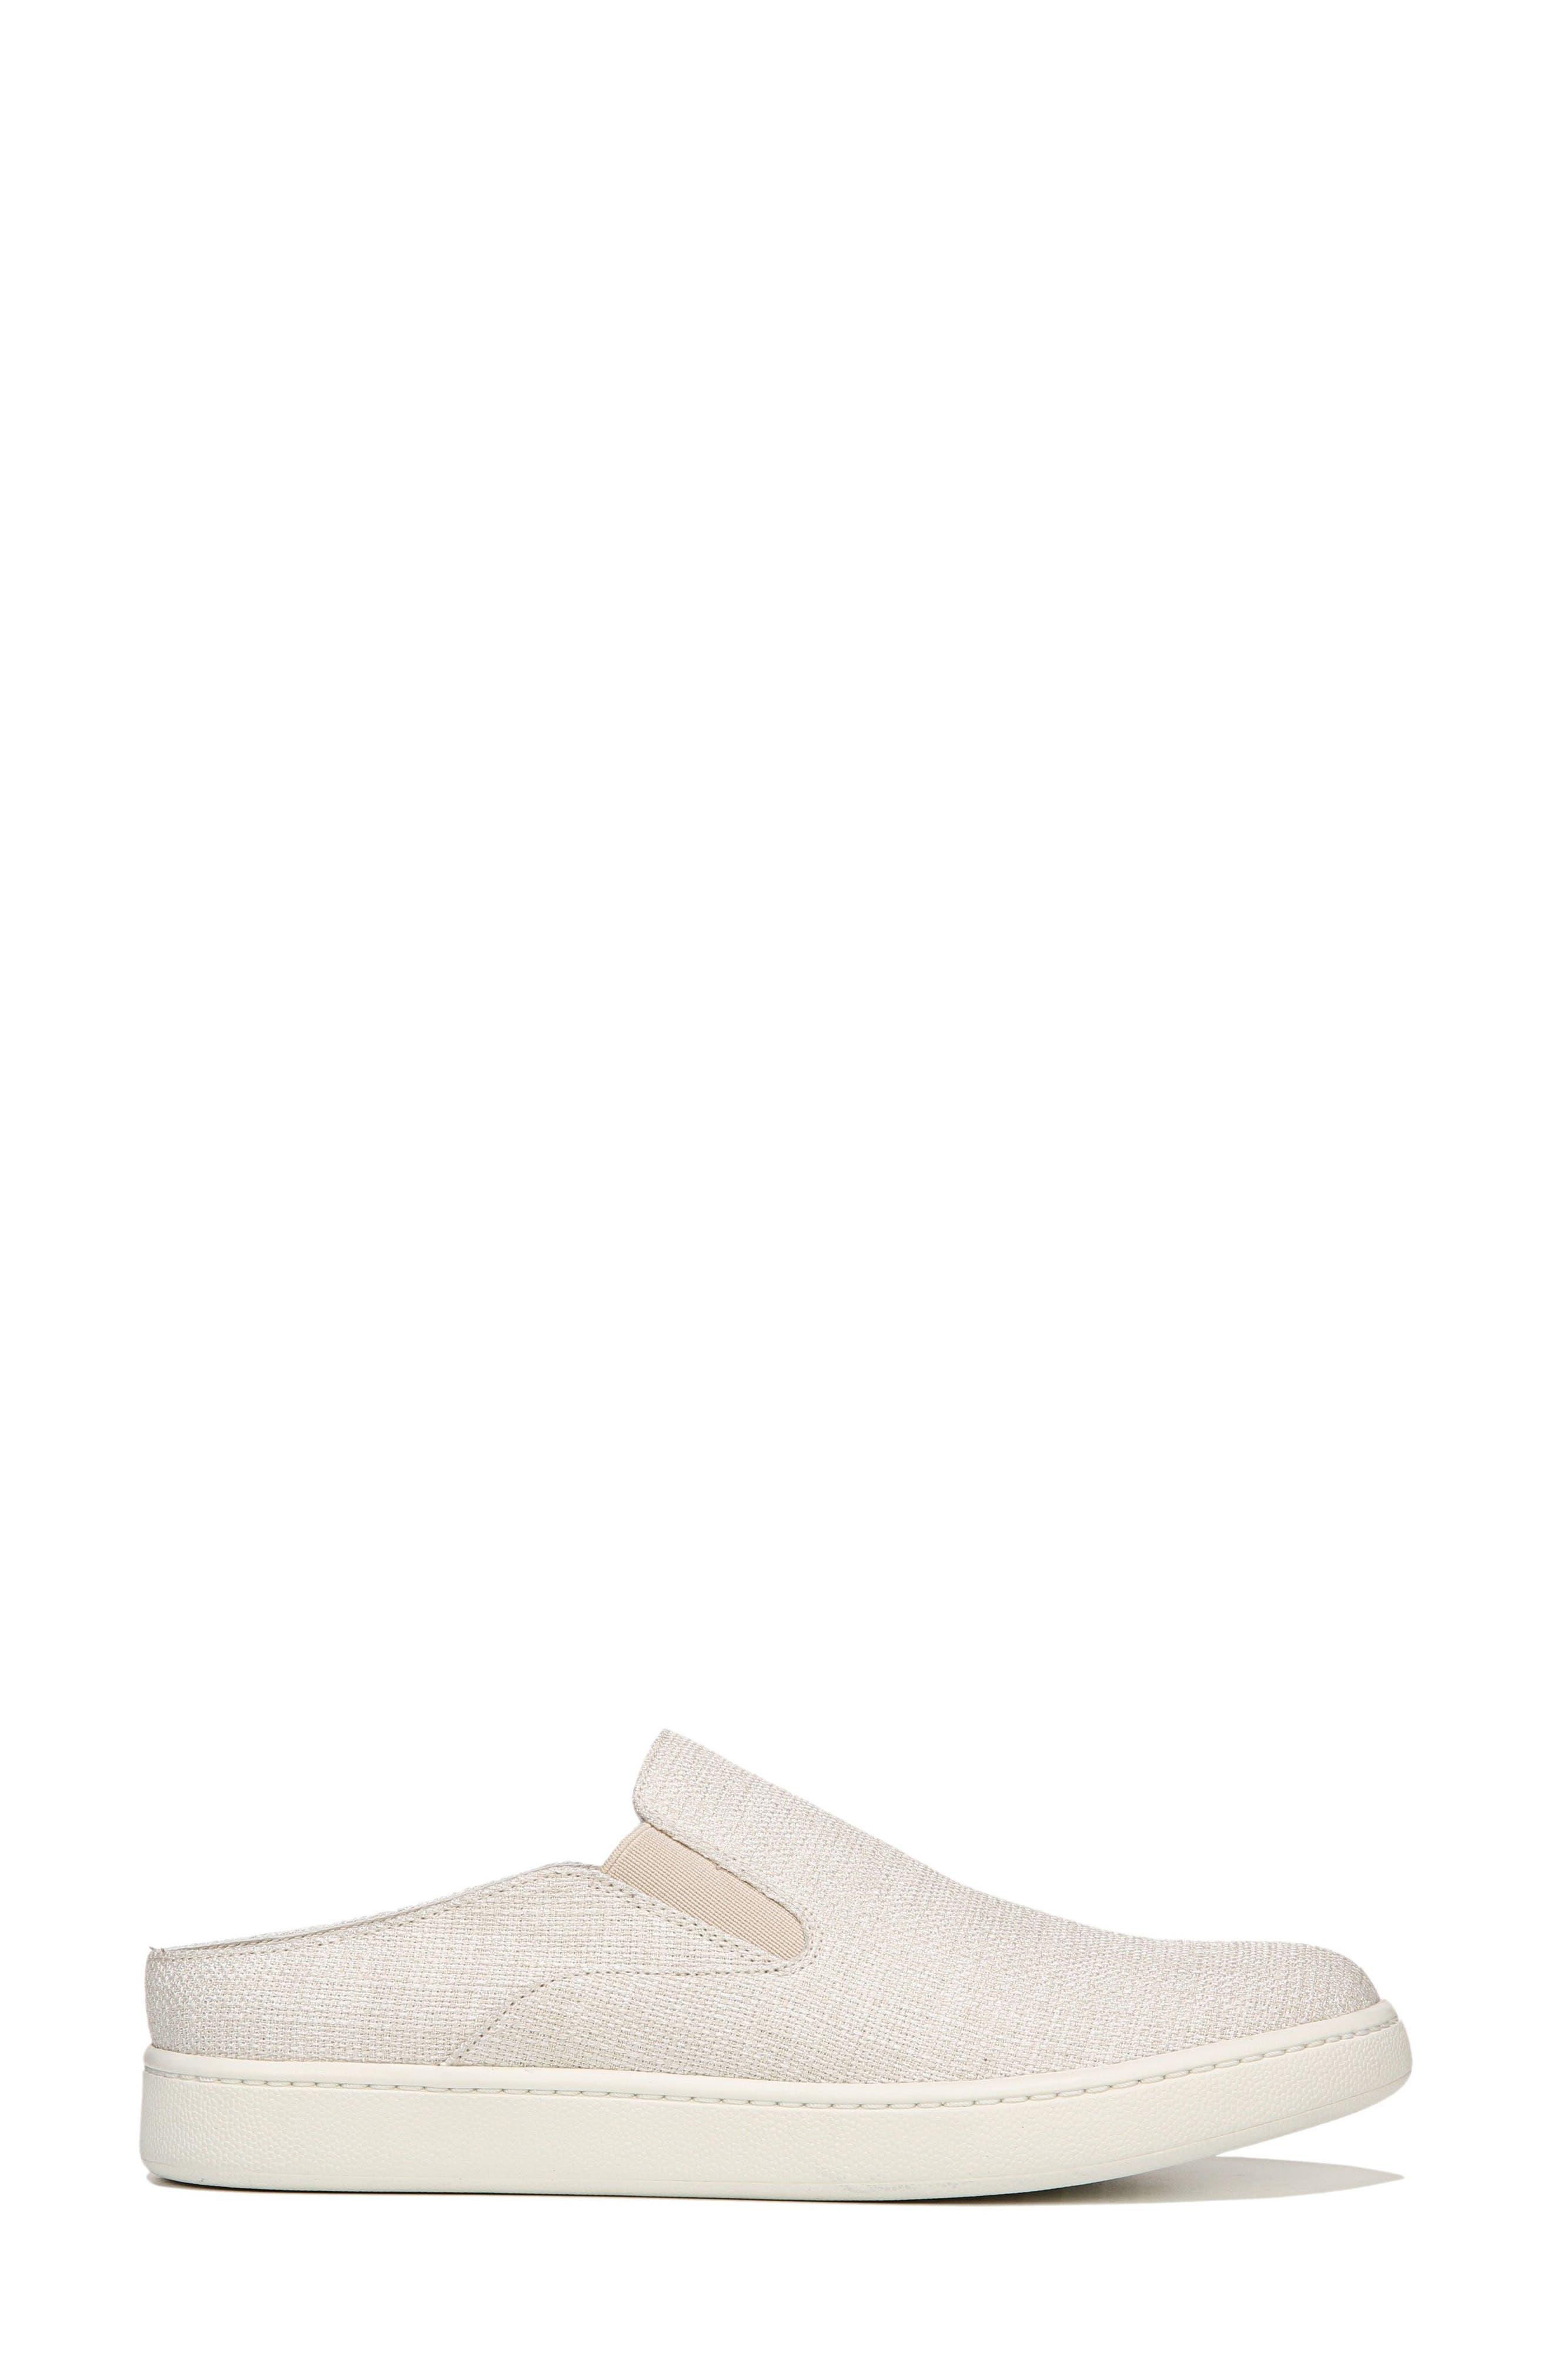 Verrell Slip-On Sneaker,                             Alternate thumbnail 29, color,